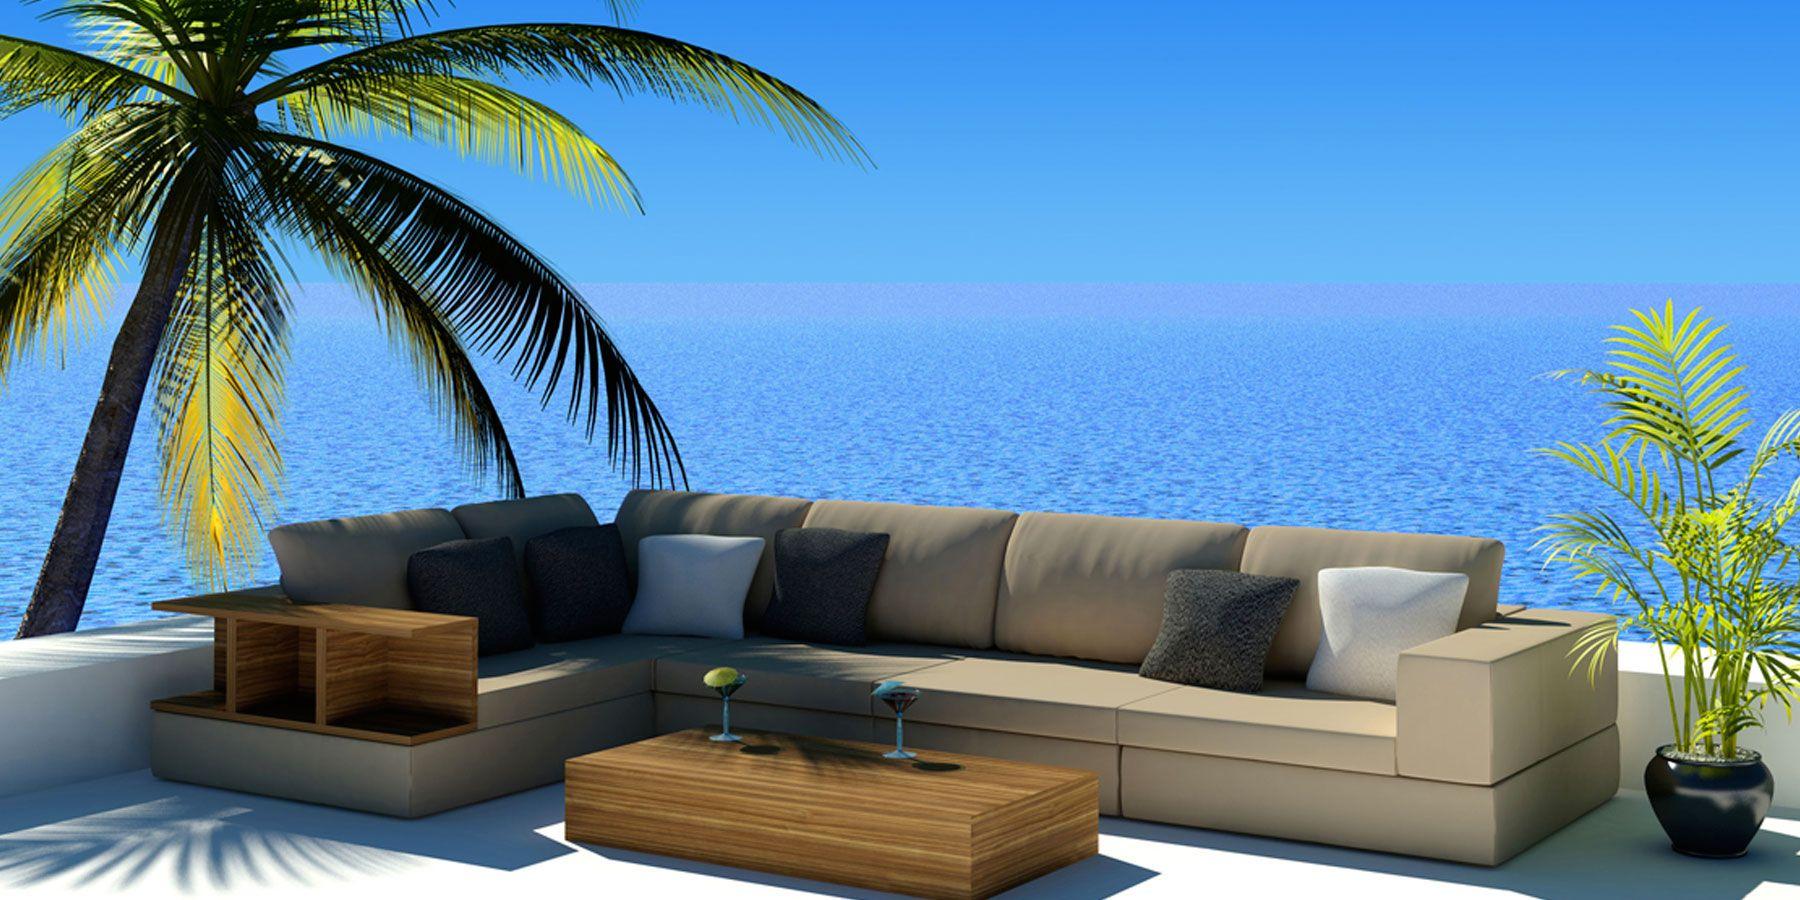 Arredare la casa al mare? Ecco cosa devi sapere